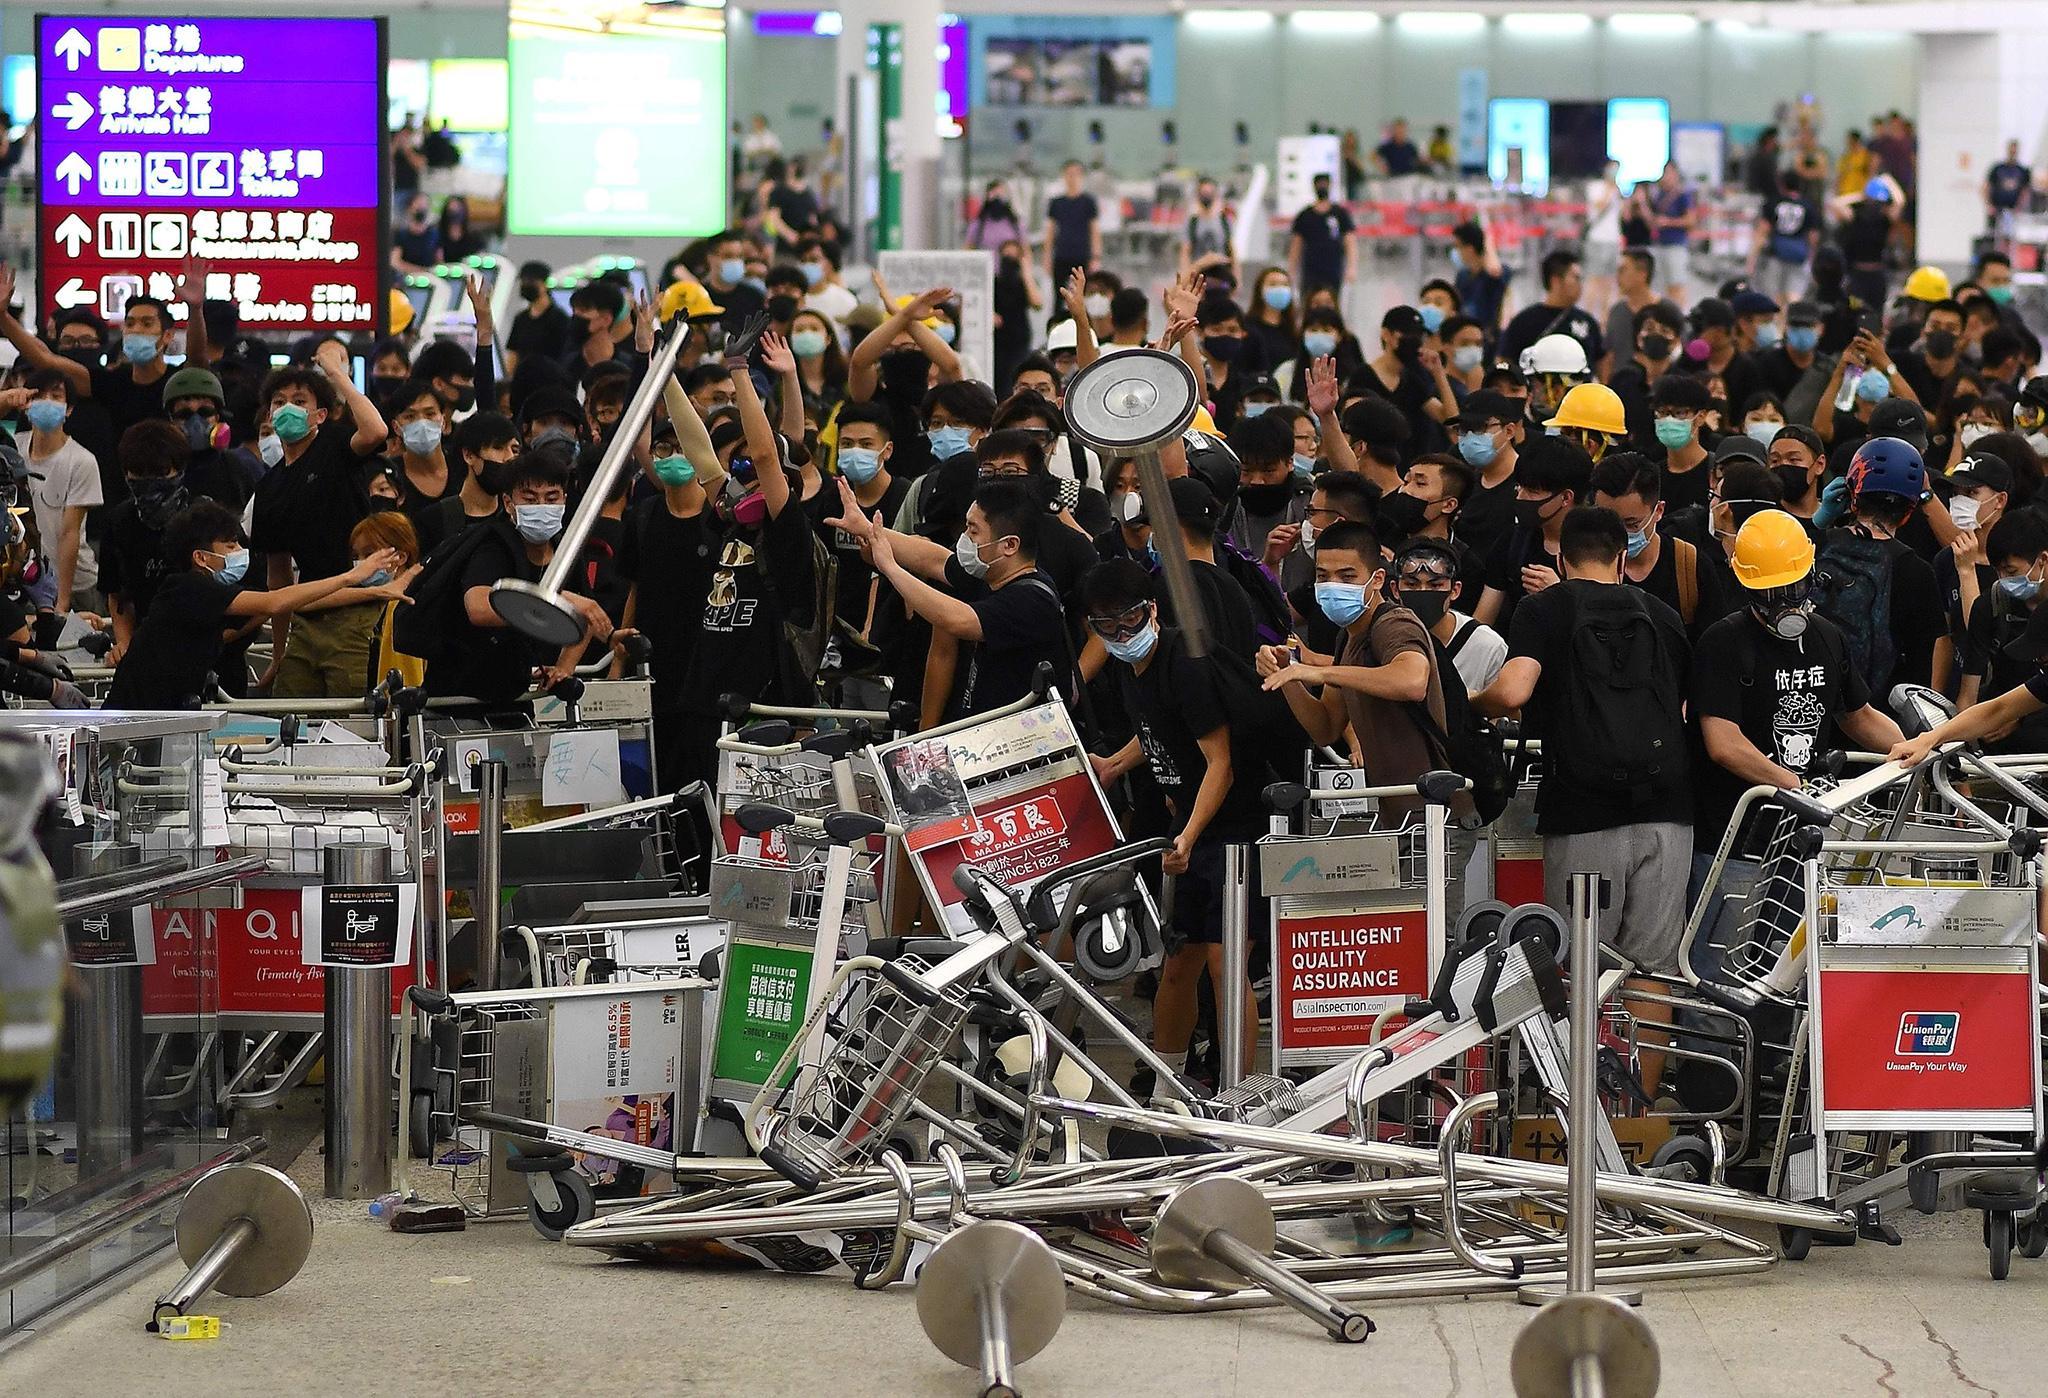 Hong Kong protests: China calls demonstrators 'terrorists', amid fears of military escalation